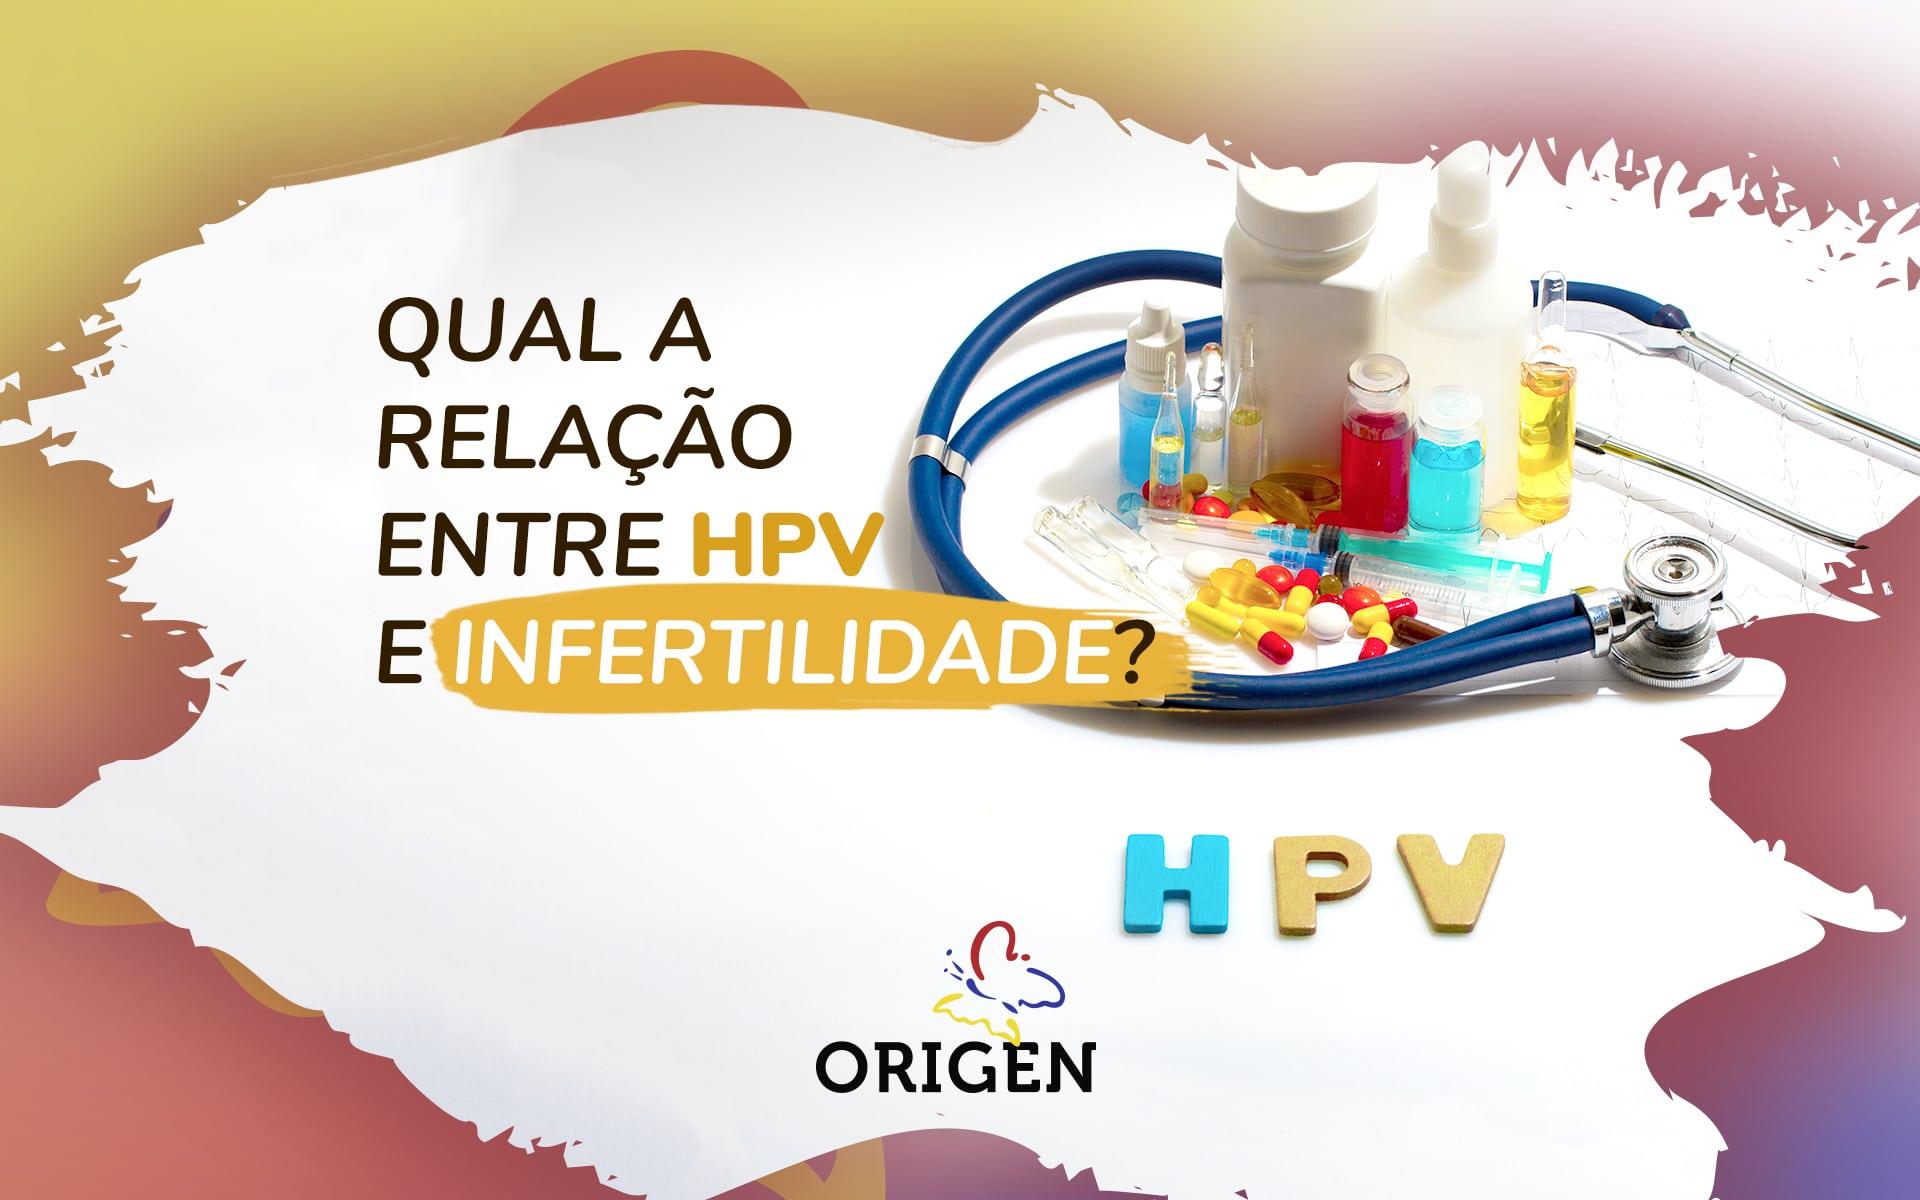 Qual a relação entre HPV e infertilidade?